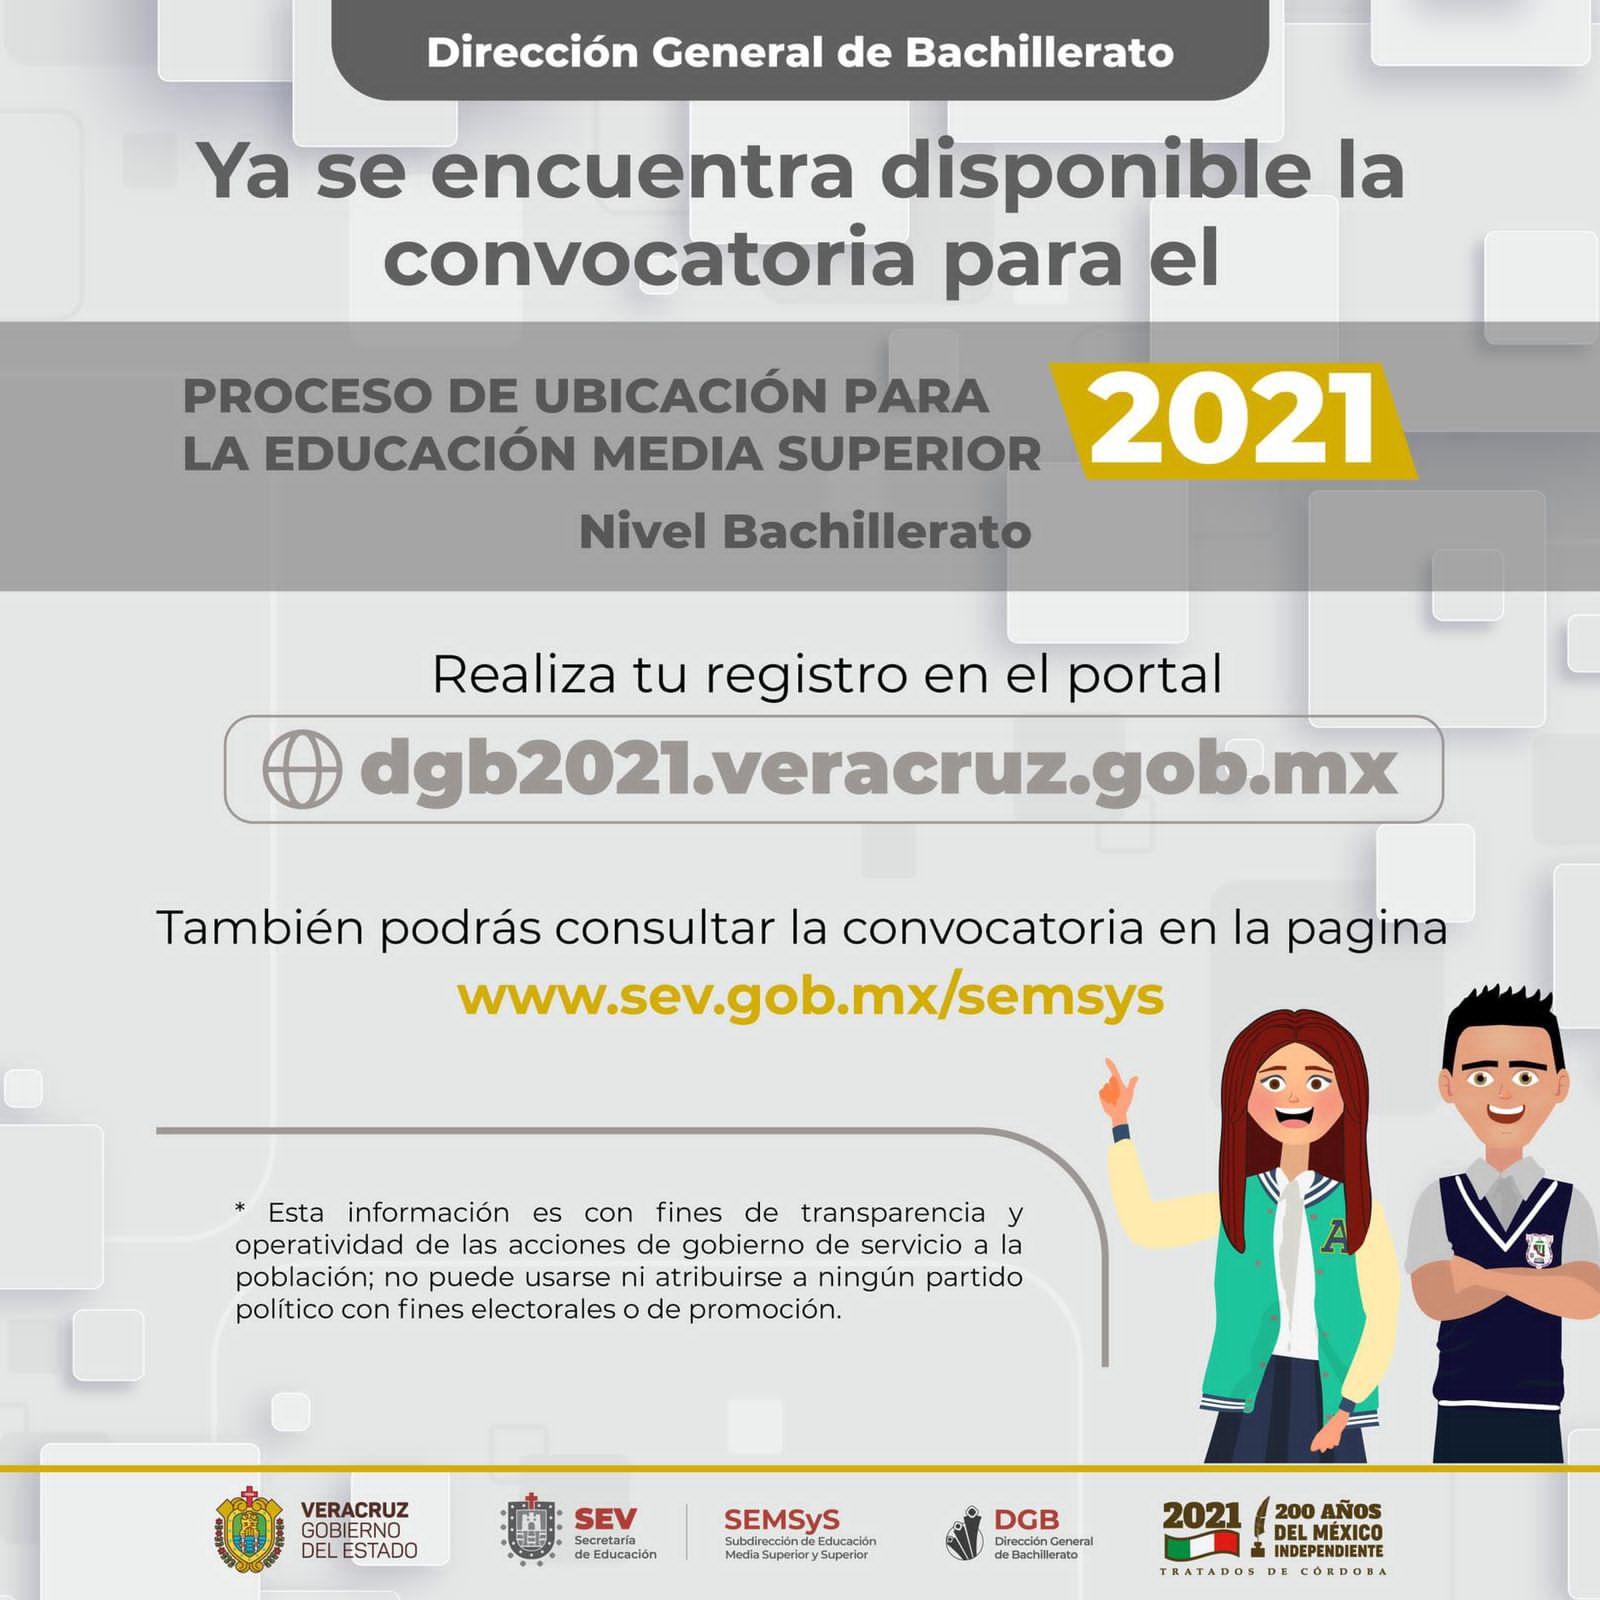 IMG-20210511-WA0008